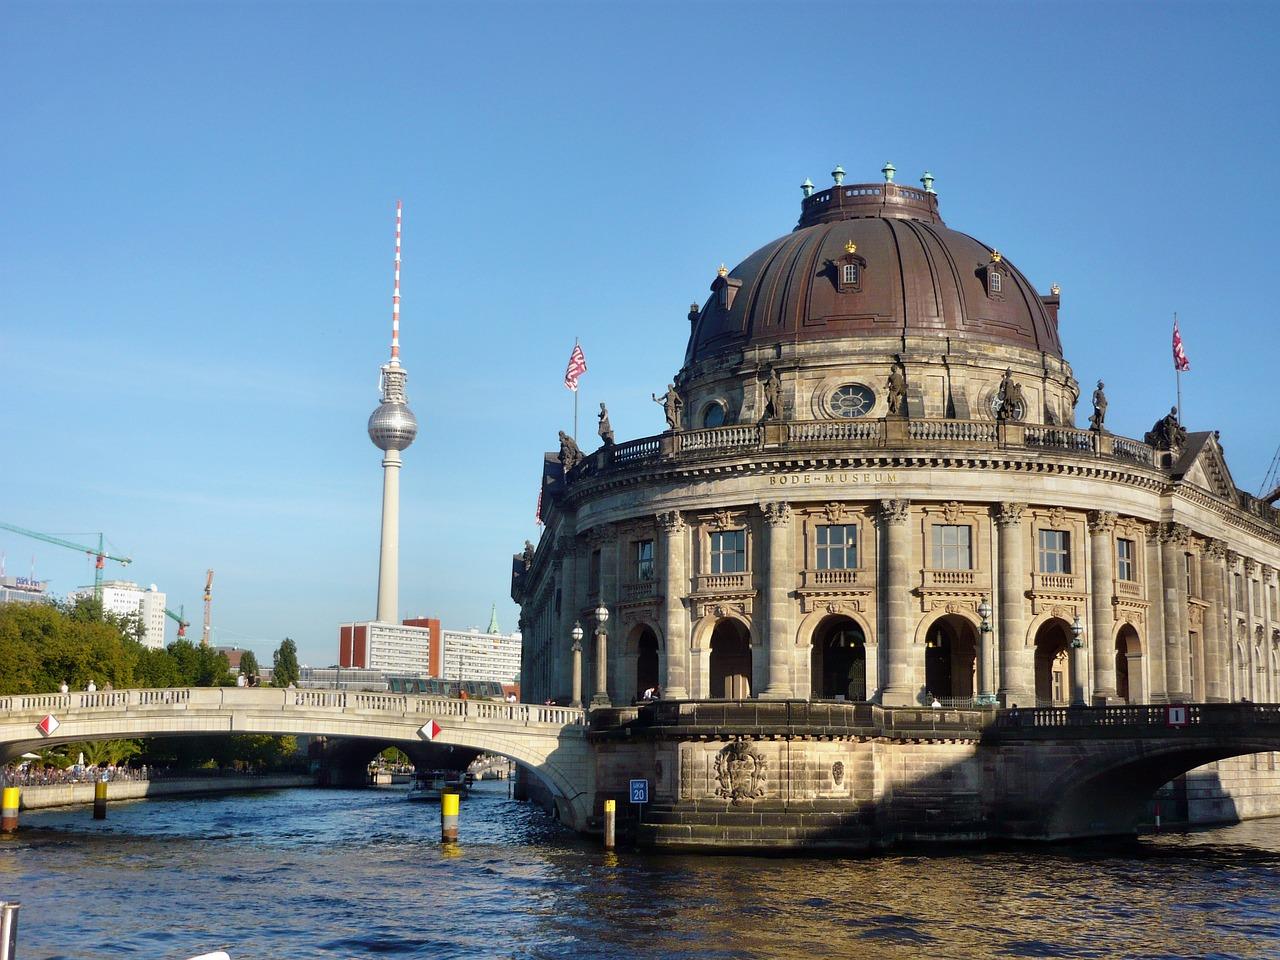 Bodemuseum Berlin mit Fernsehturm im Hintergrund